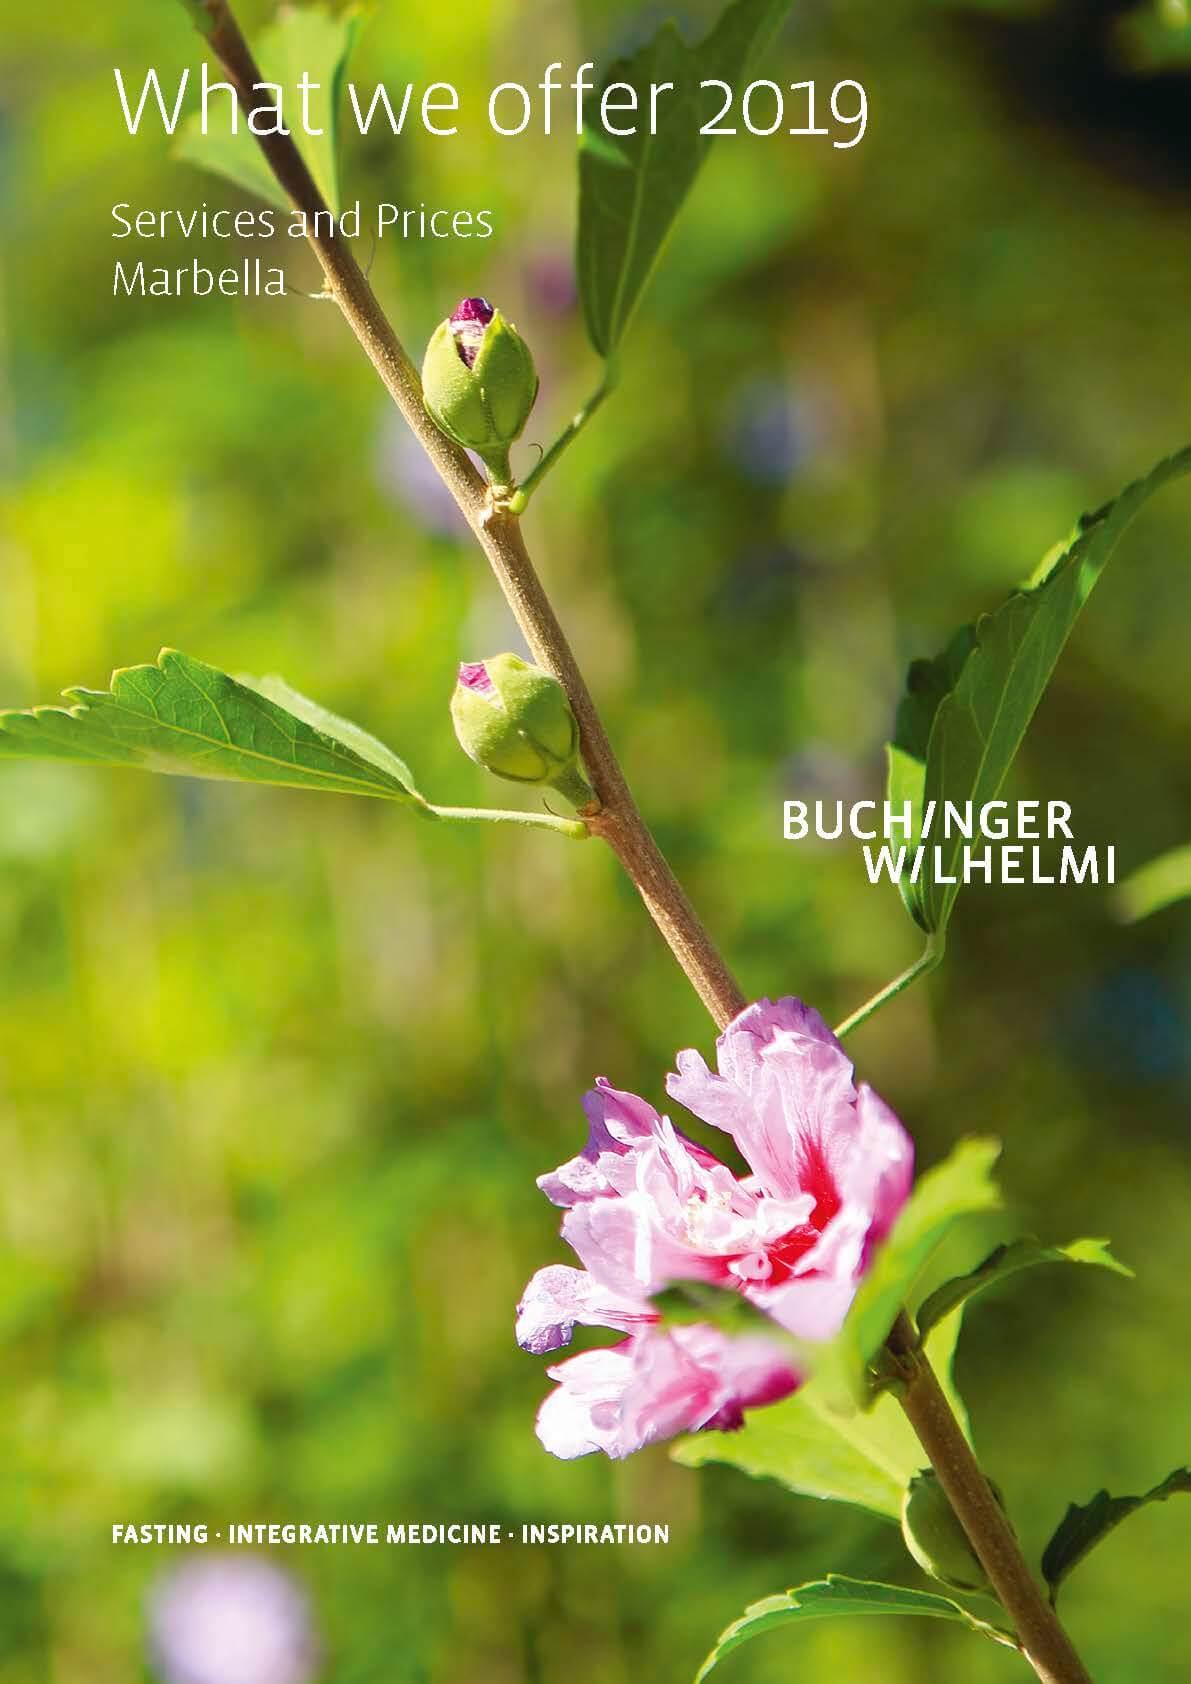 Buchinger Wilhelmi, Fasten, Heilfasten, Fasting, Health, Integrative Medicine, What we Offer,